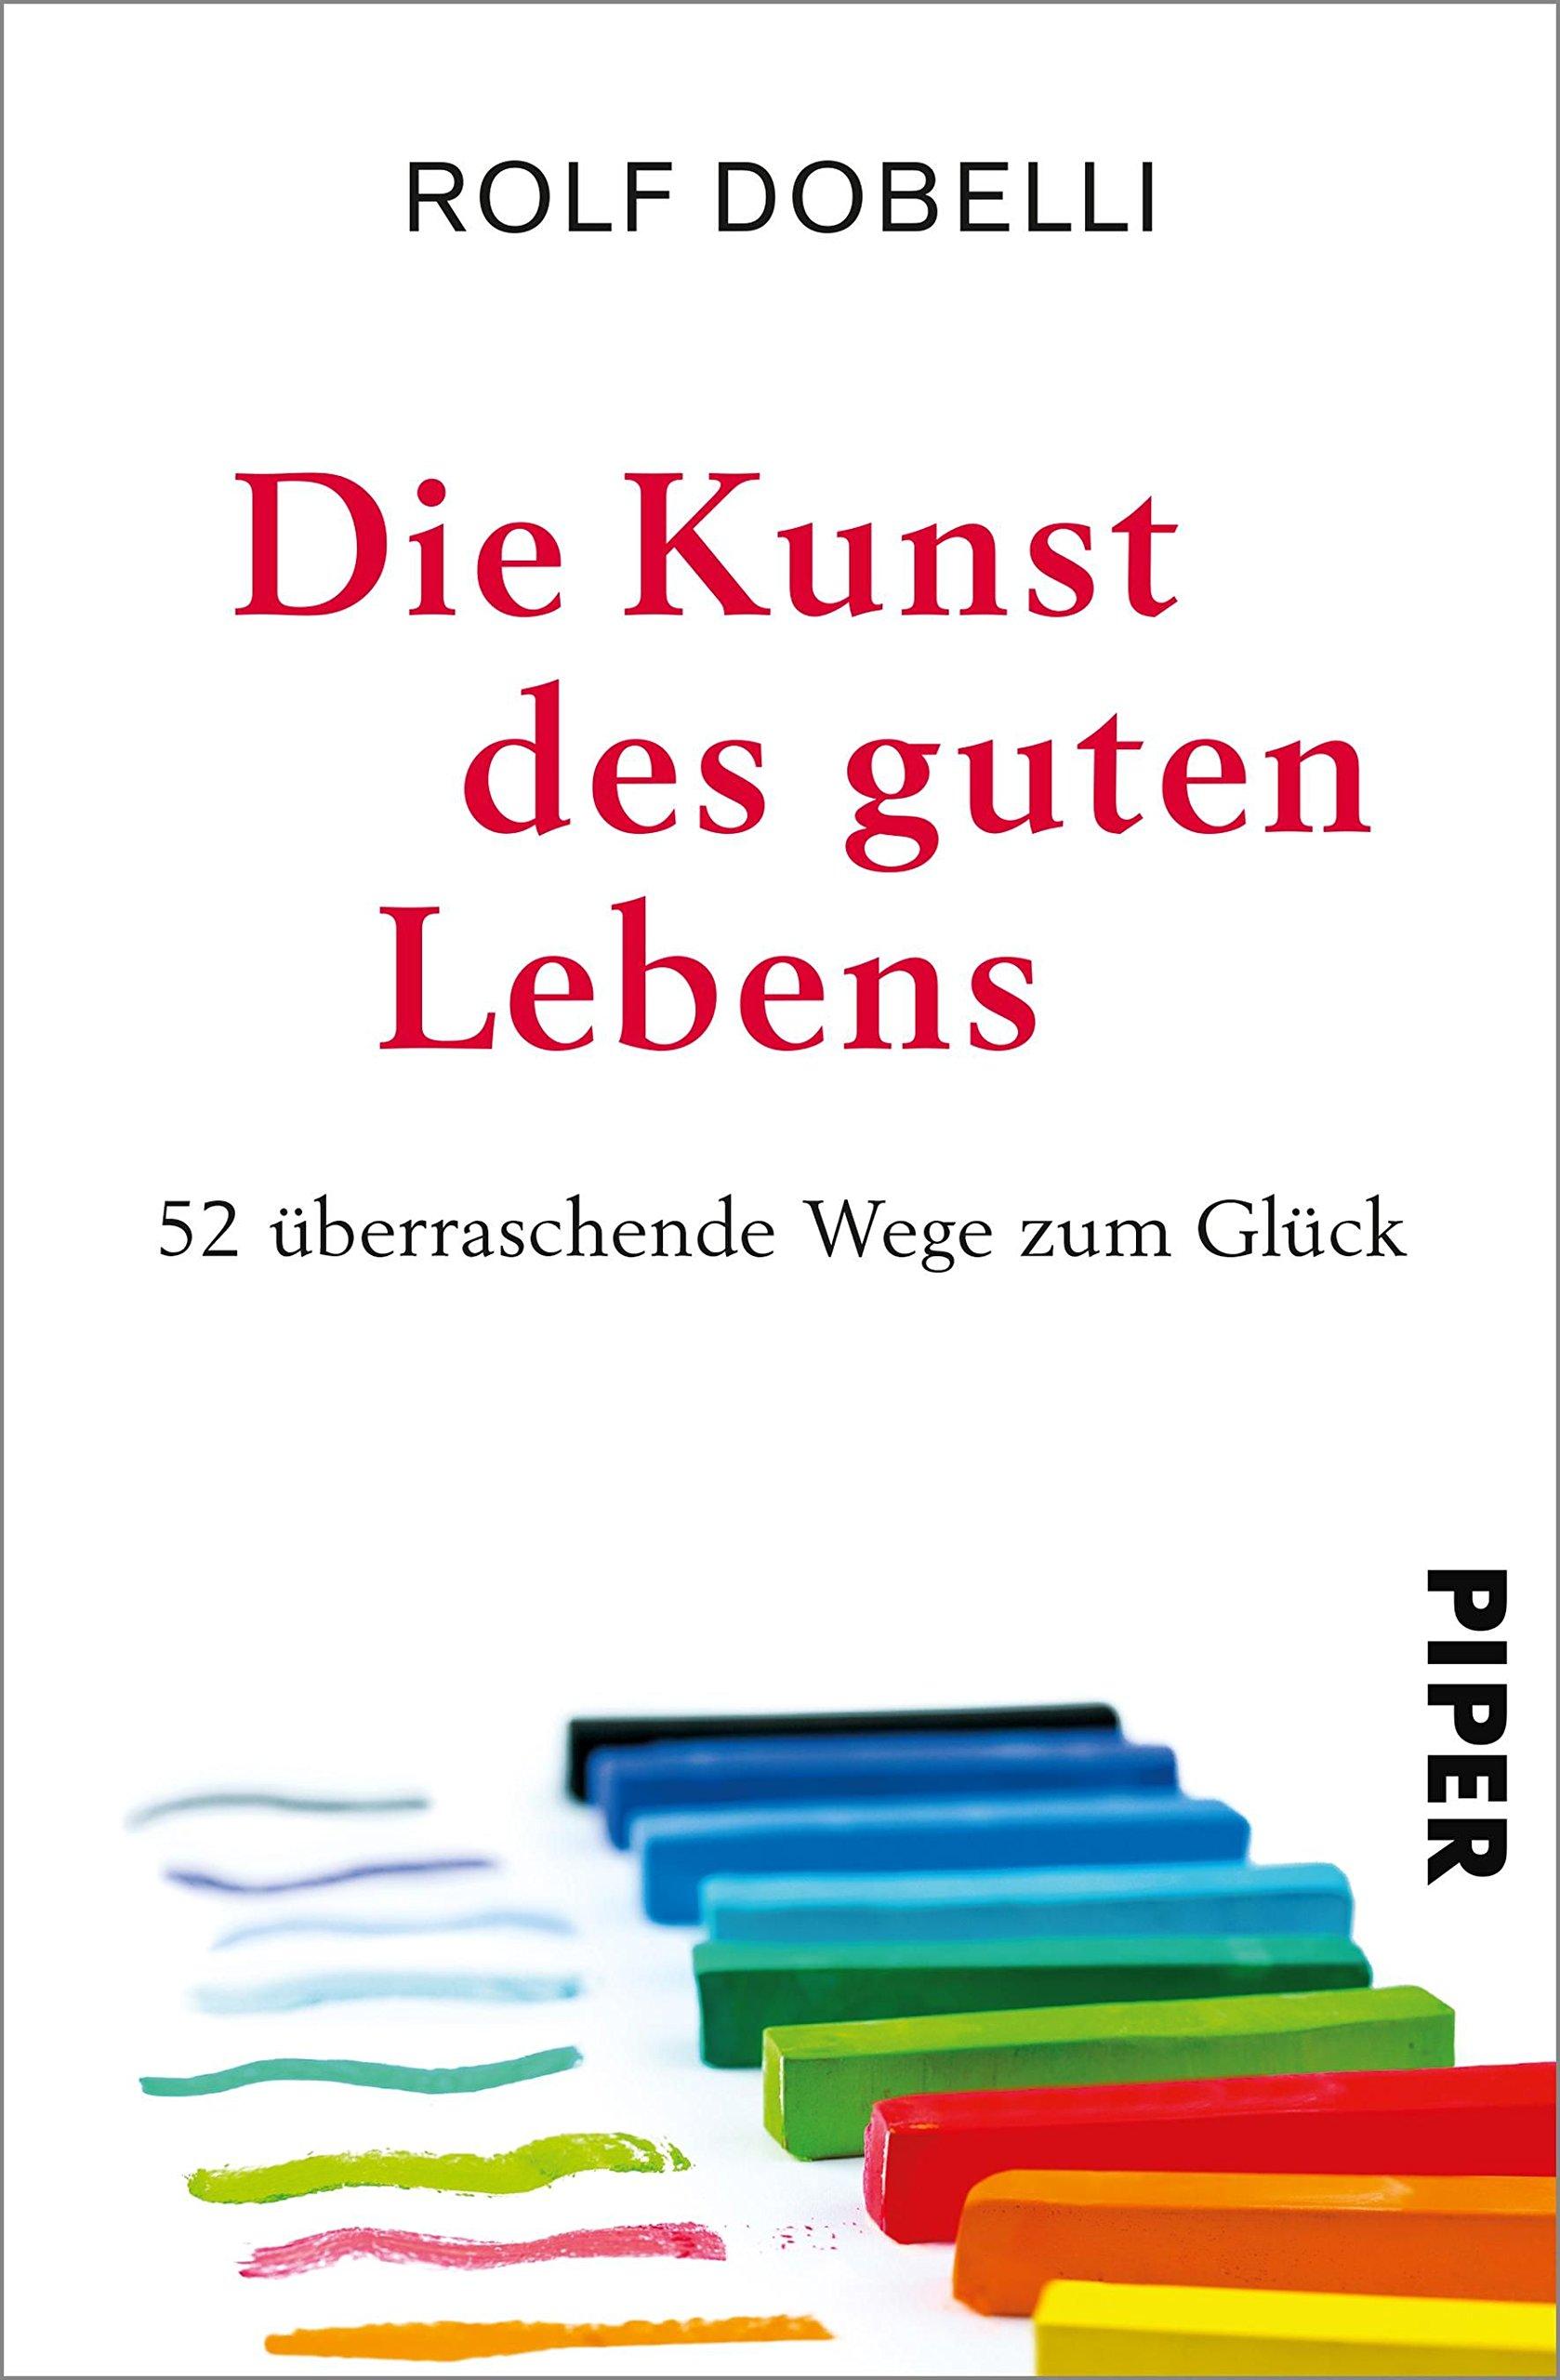 Die Kunst des guten Lebens: 52 überraschende Wege zum Glück Gebundenes Buch – 13. Oktober 2017 Rolf Dobelli El Bocho Piper 3492058736